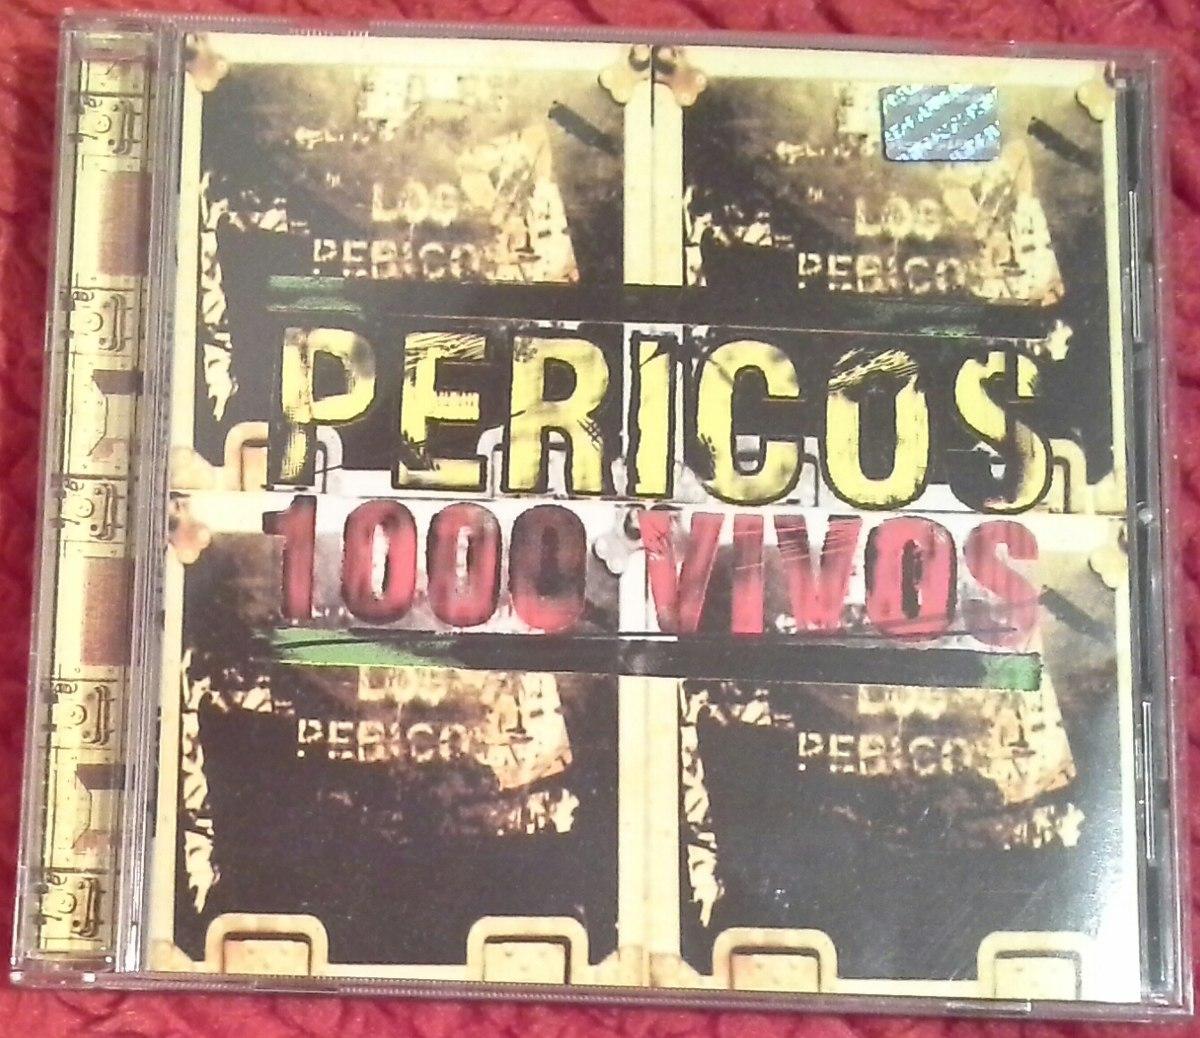 gratis disco de los pericos 1000 vivos